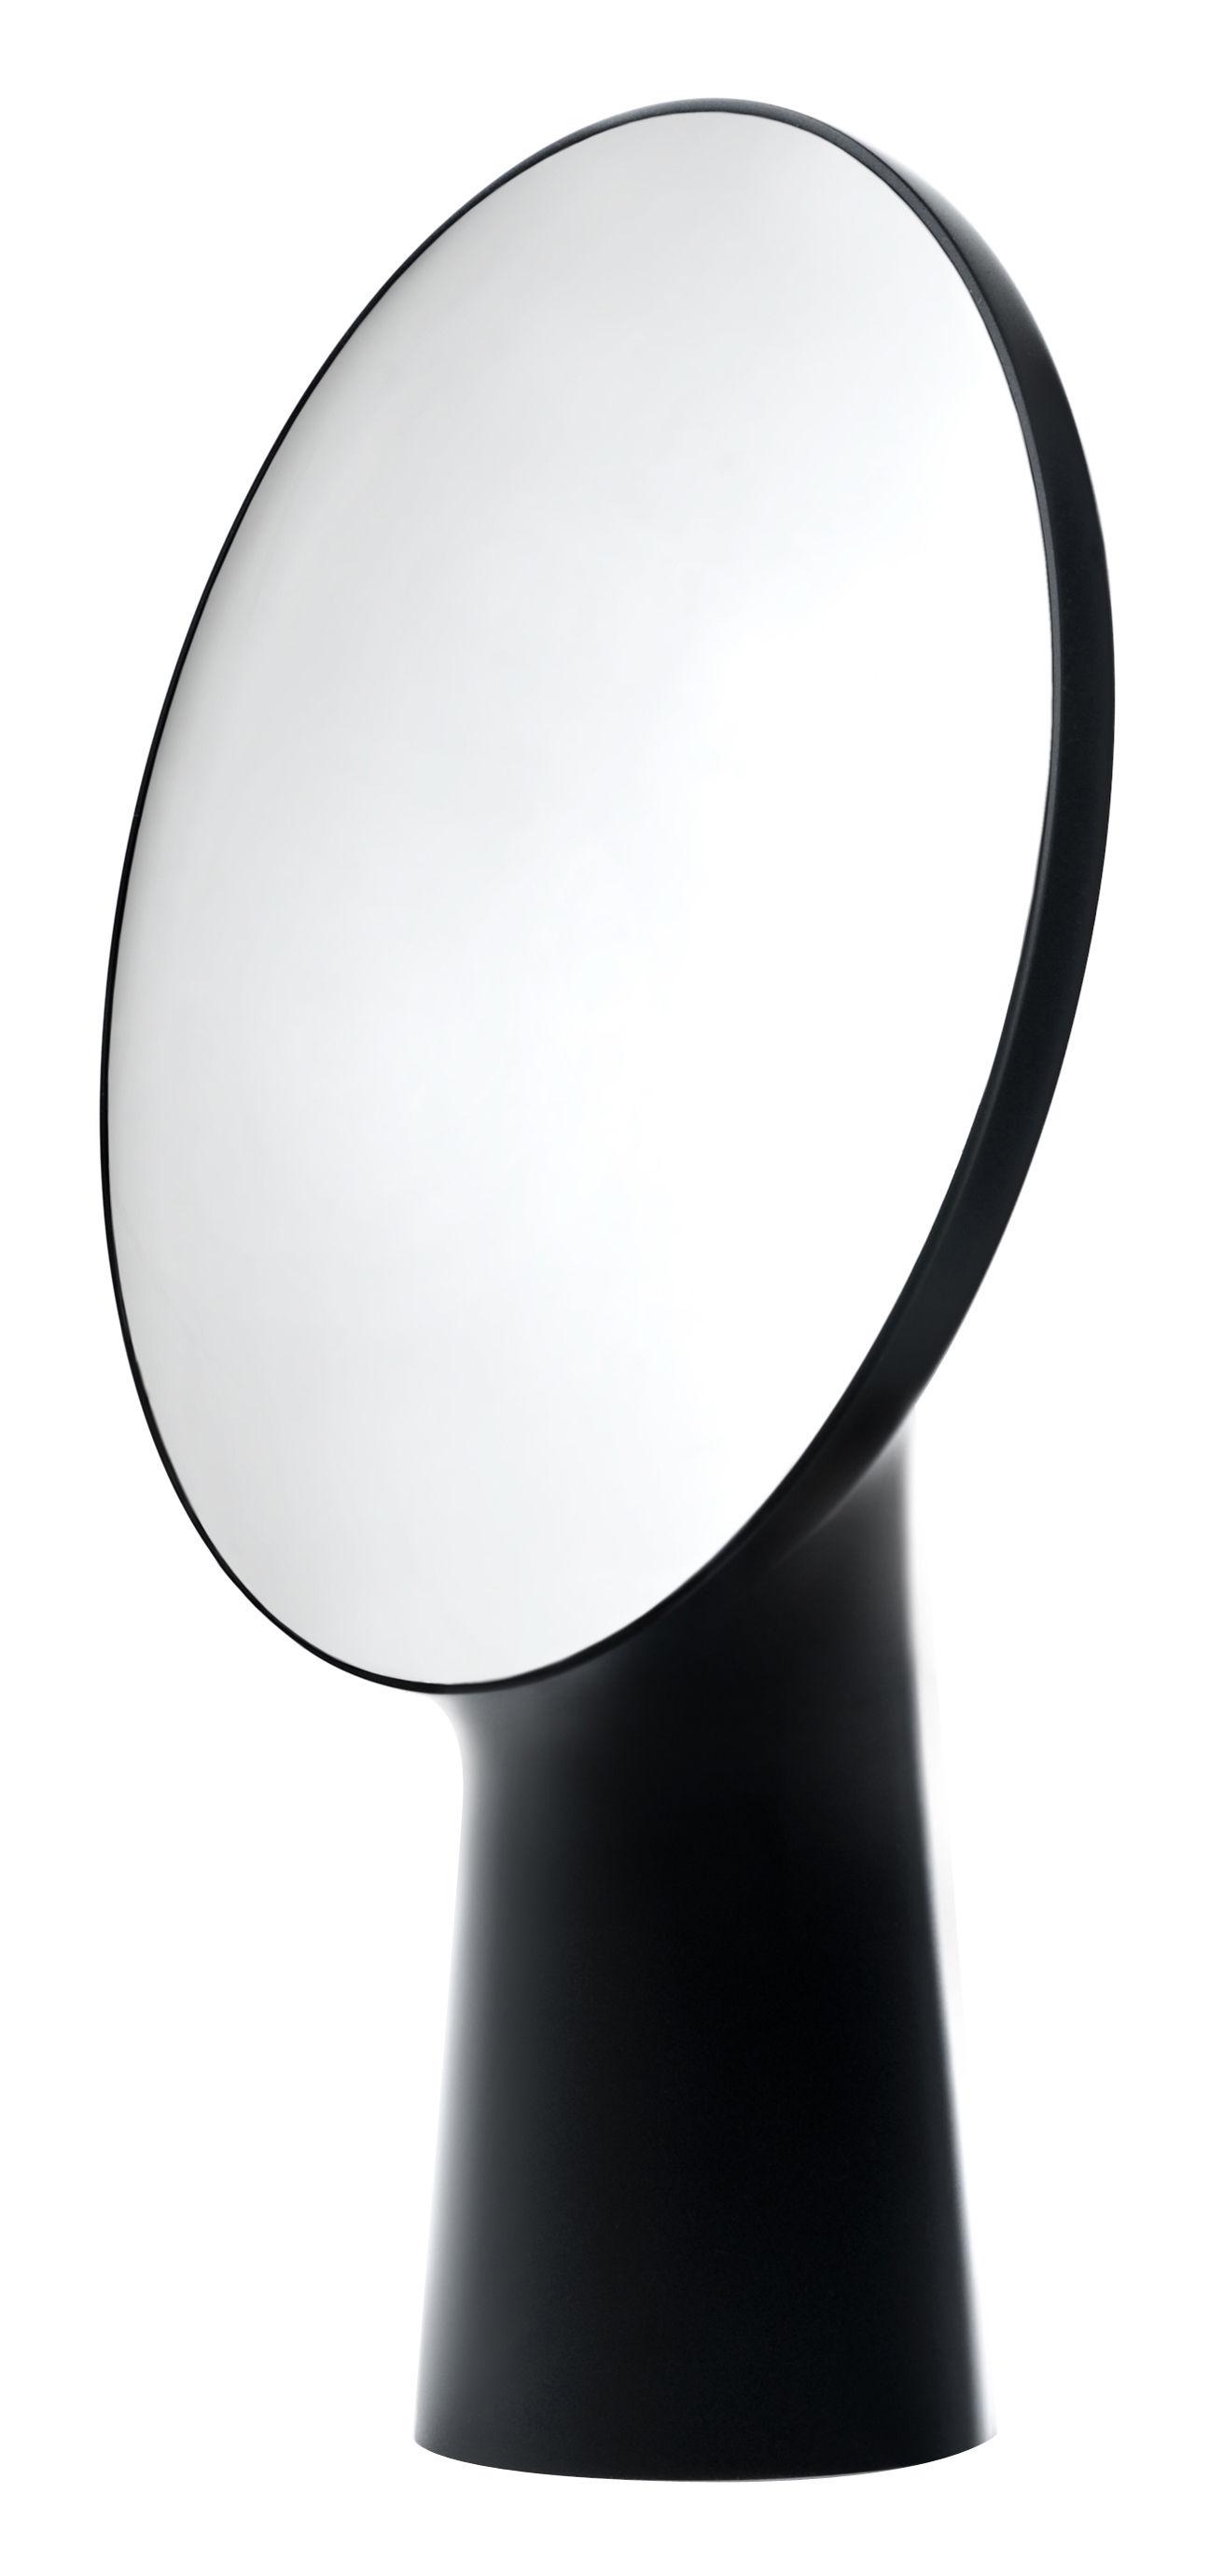 Mobilier - Miroirs - Miroir à poser Cyclope / H 46,5 cm - Moustache - Noir - Terre cuite